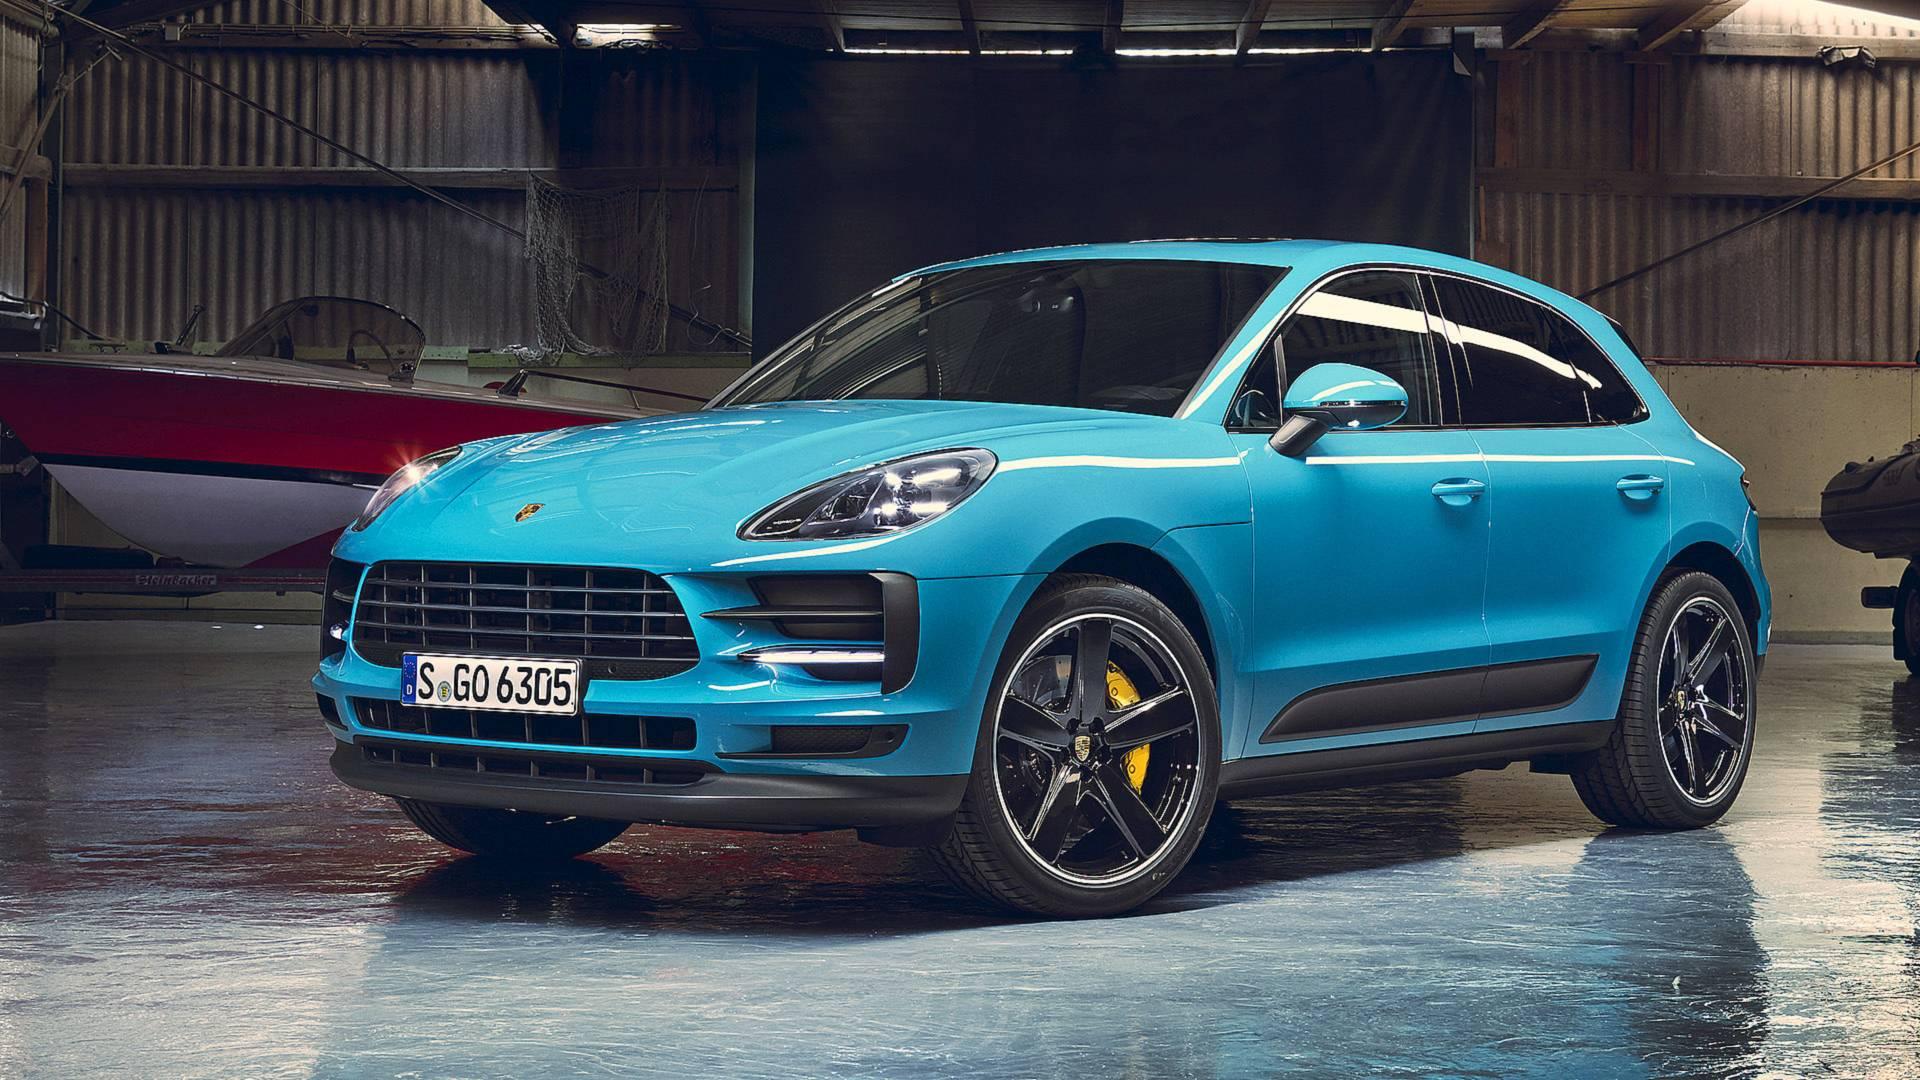 Porsche Cayenne Redesign >> 2019 Porsche Macan Debuts with Sharper Handling, Gets 911 Steering Wheel - autoevolution